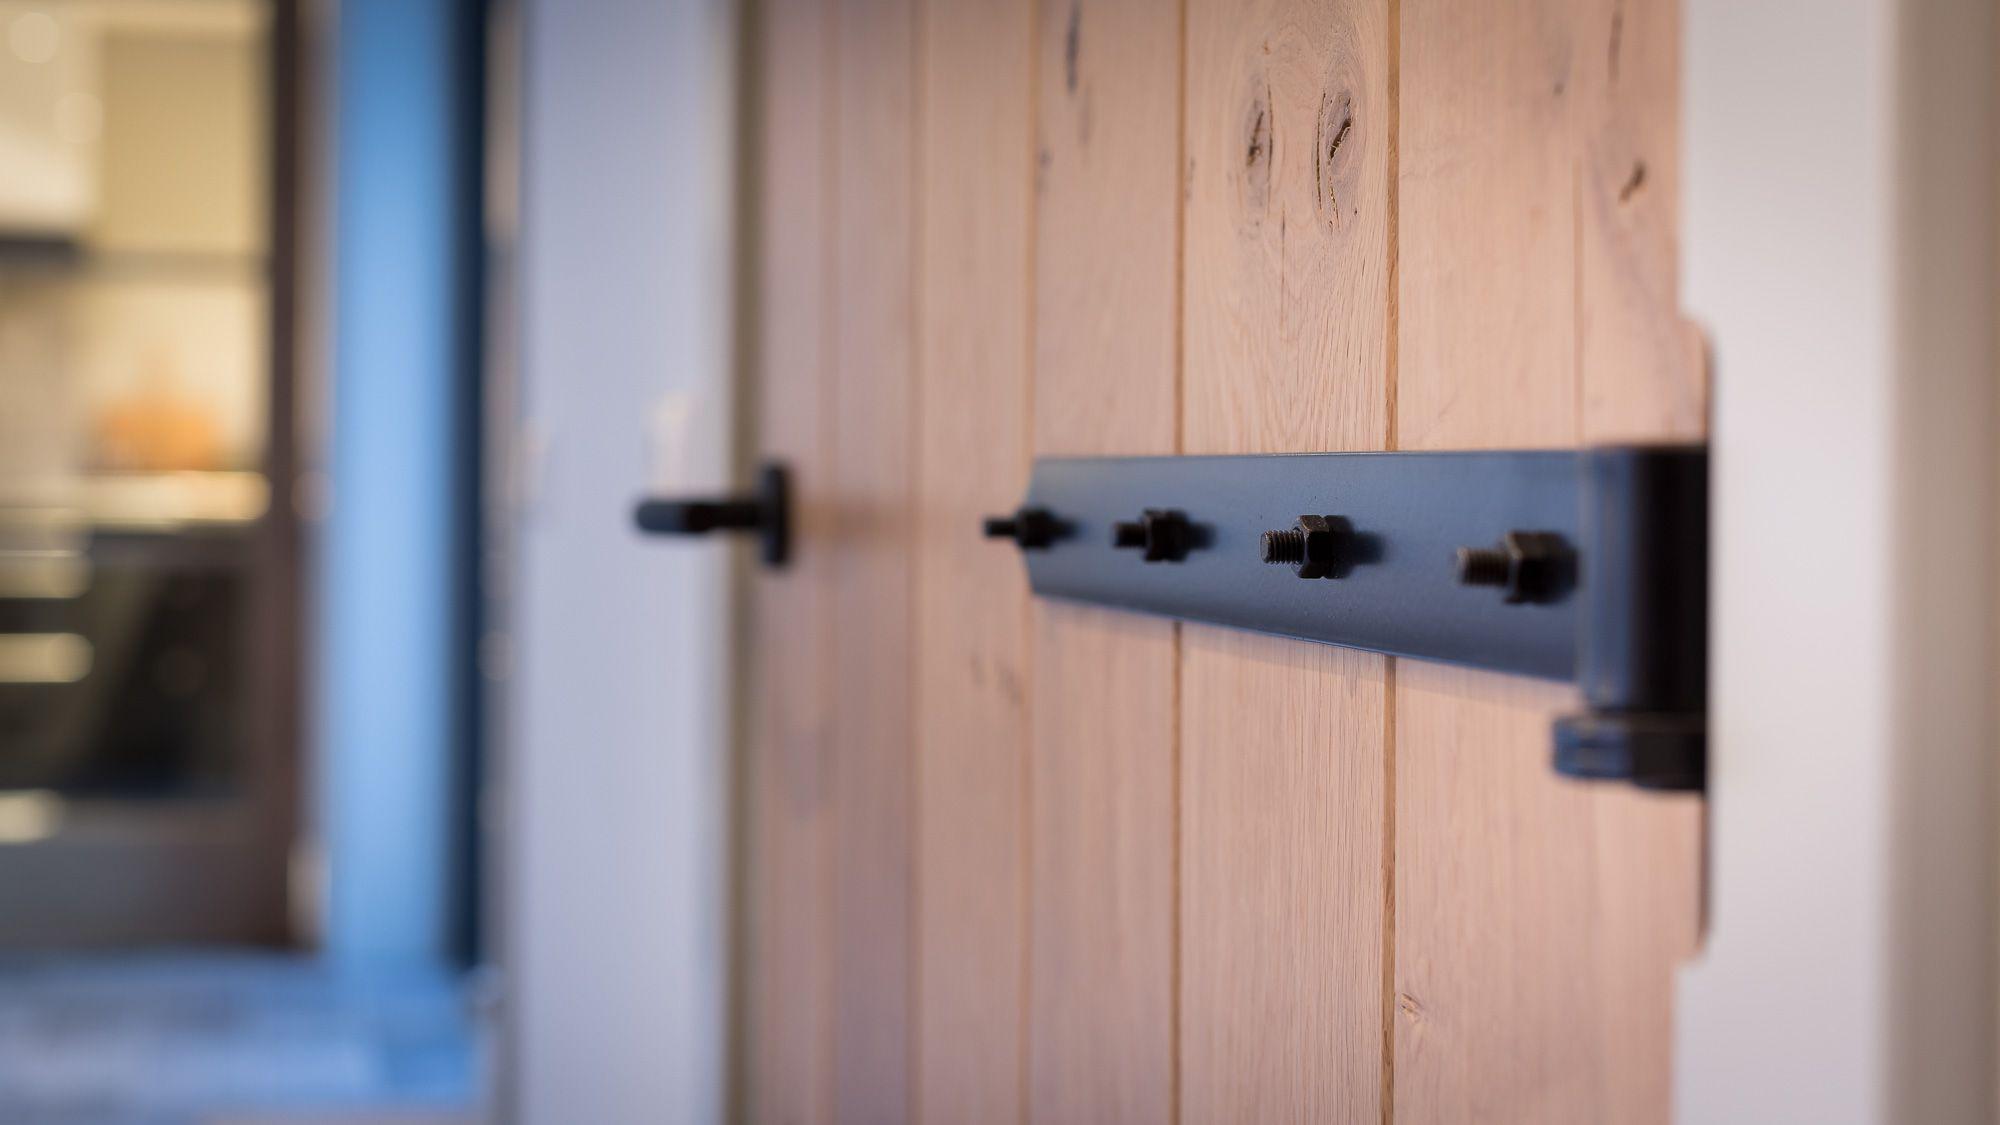 Strakke eikenhouten Maetwerck deuren inclusief smeedijzerzwart deurbeslag.